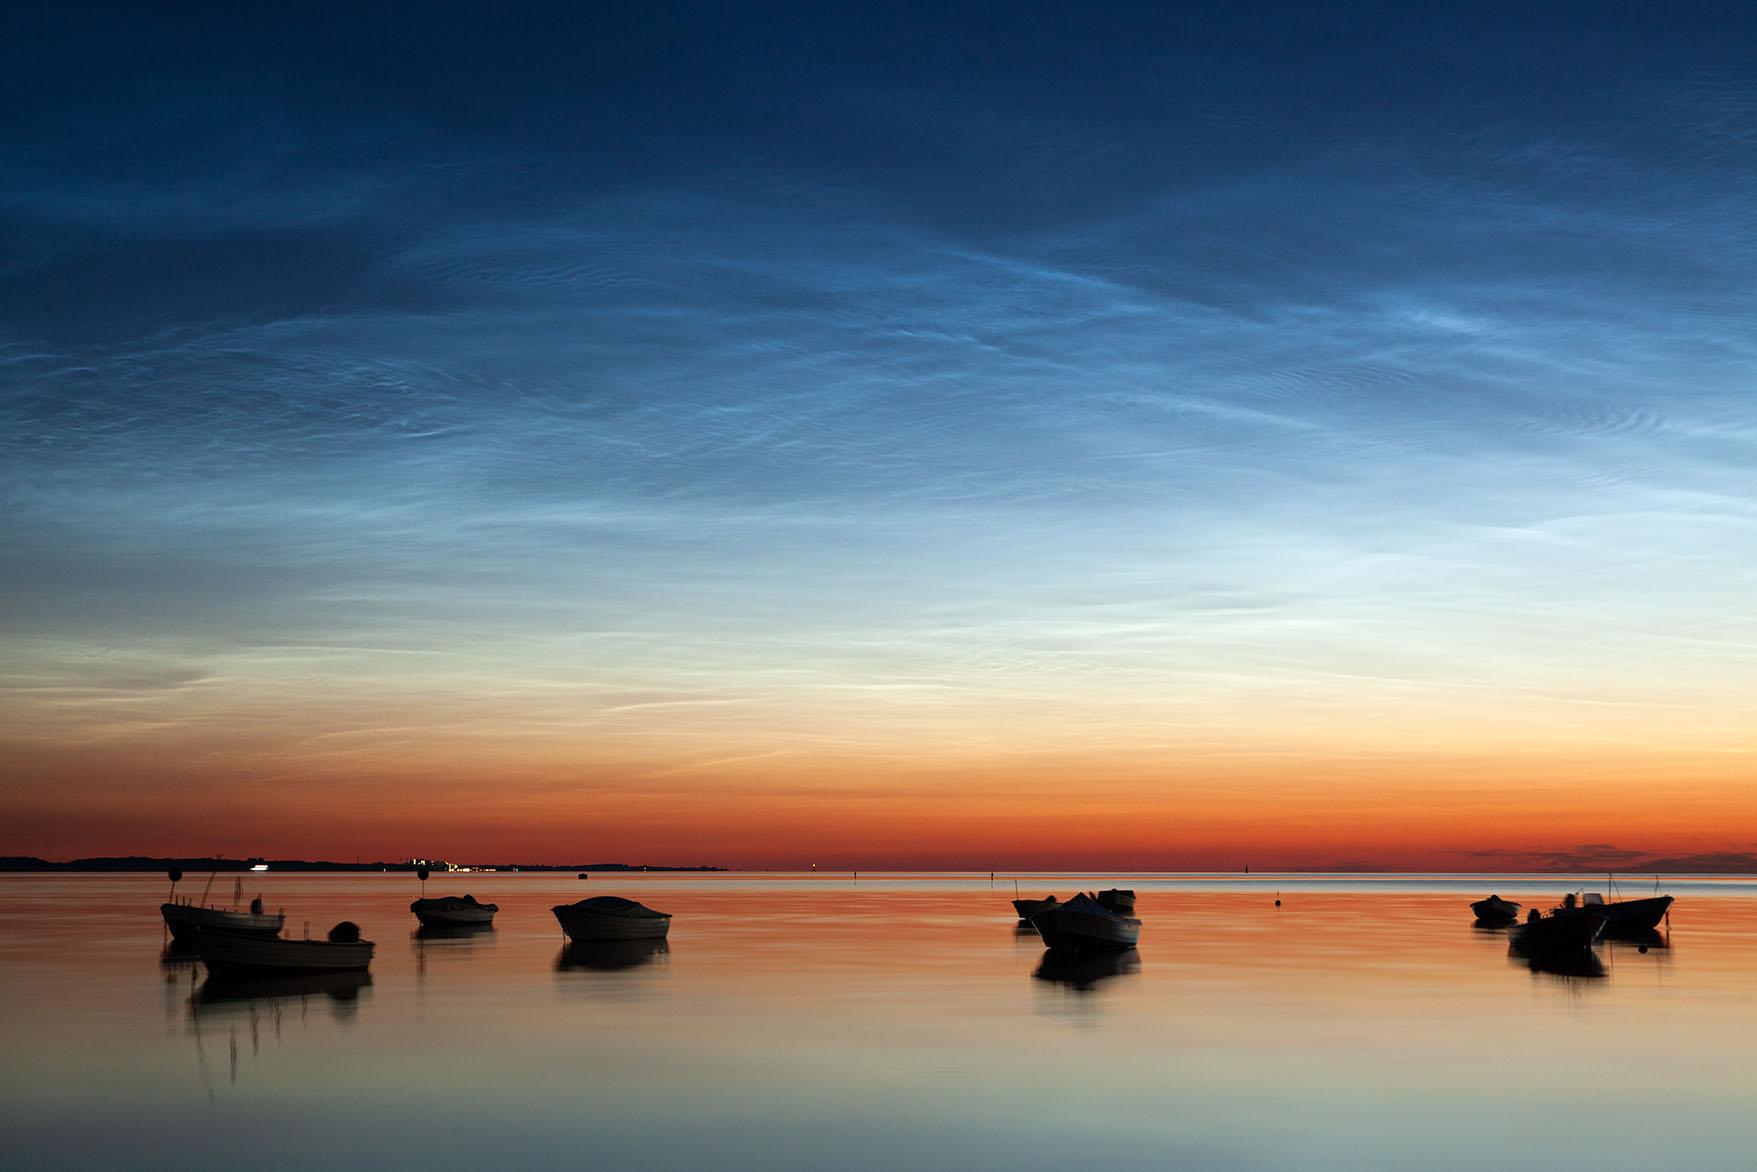 leuchtende Nachtwolken über Booten in der Ostsee